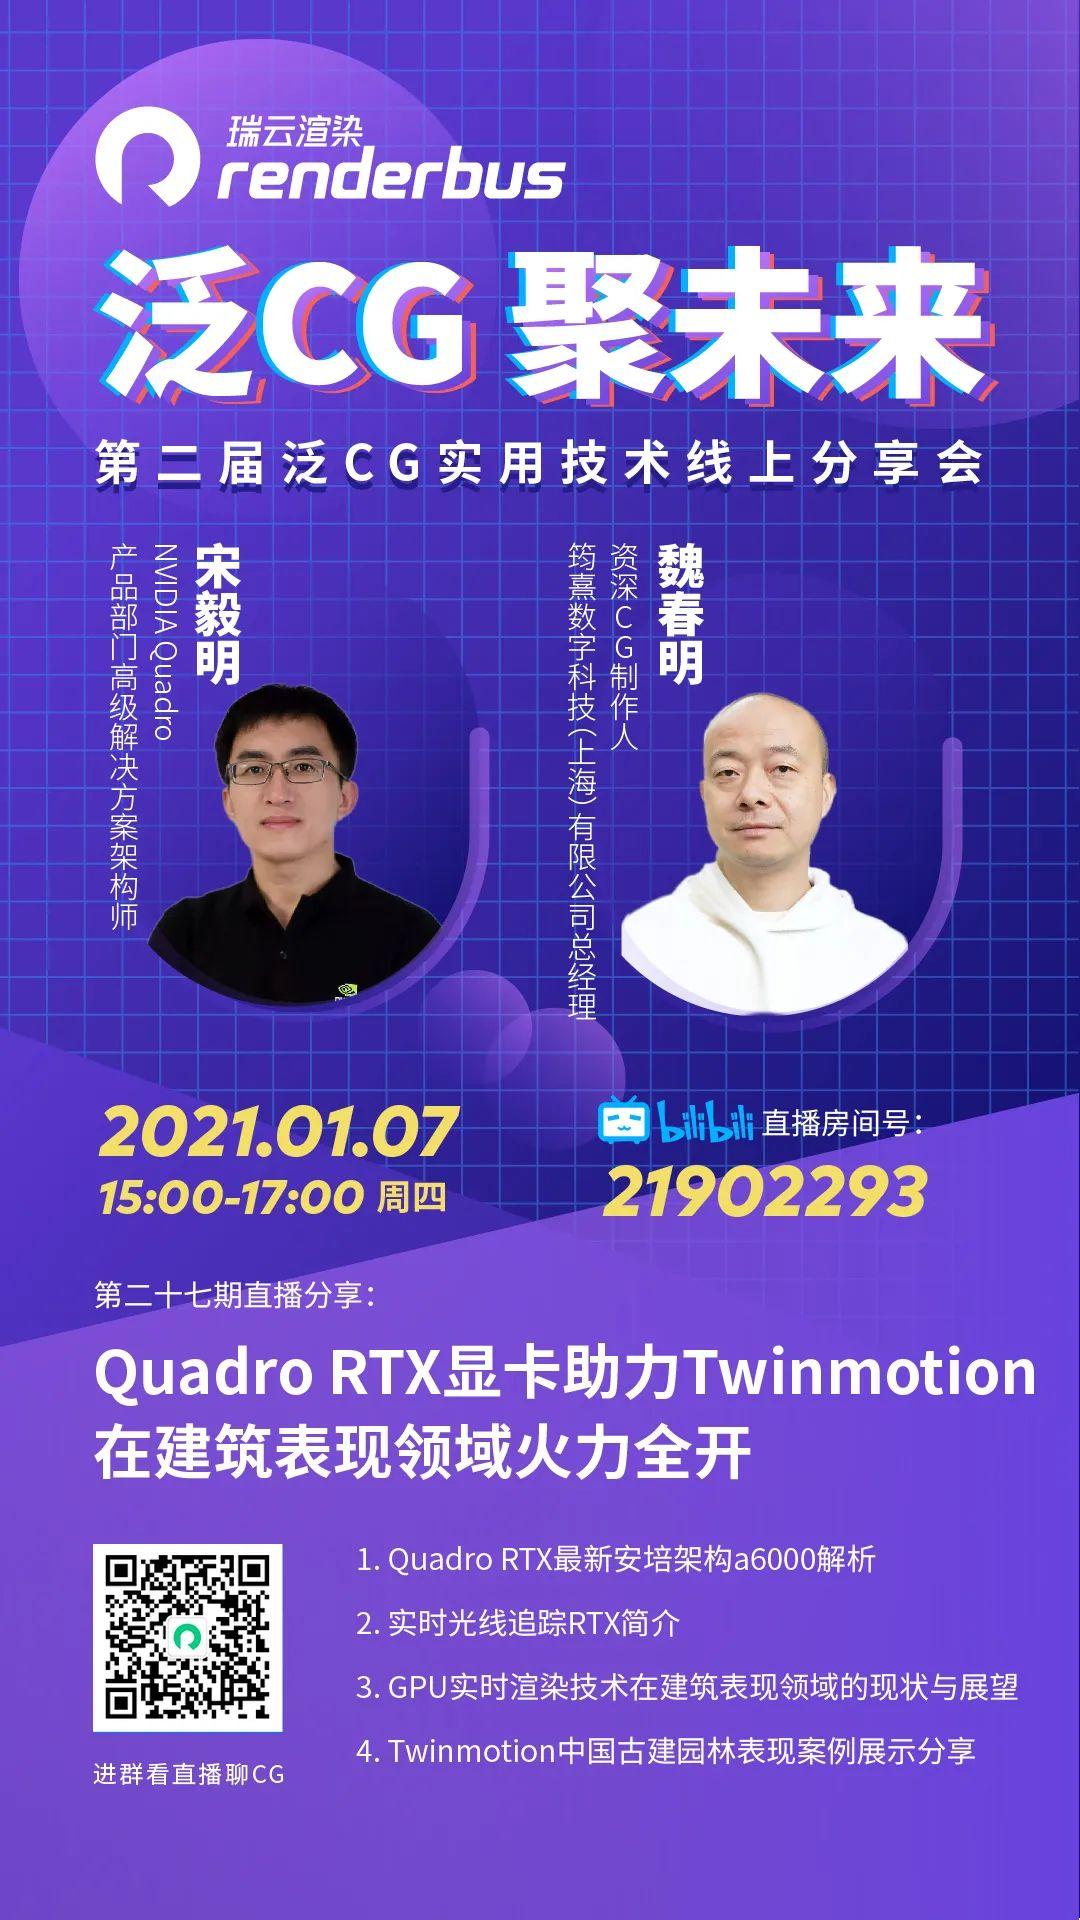 第二届泛CG实用技术线上直播嘉宾 - 宋毅明、魏春明